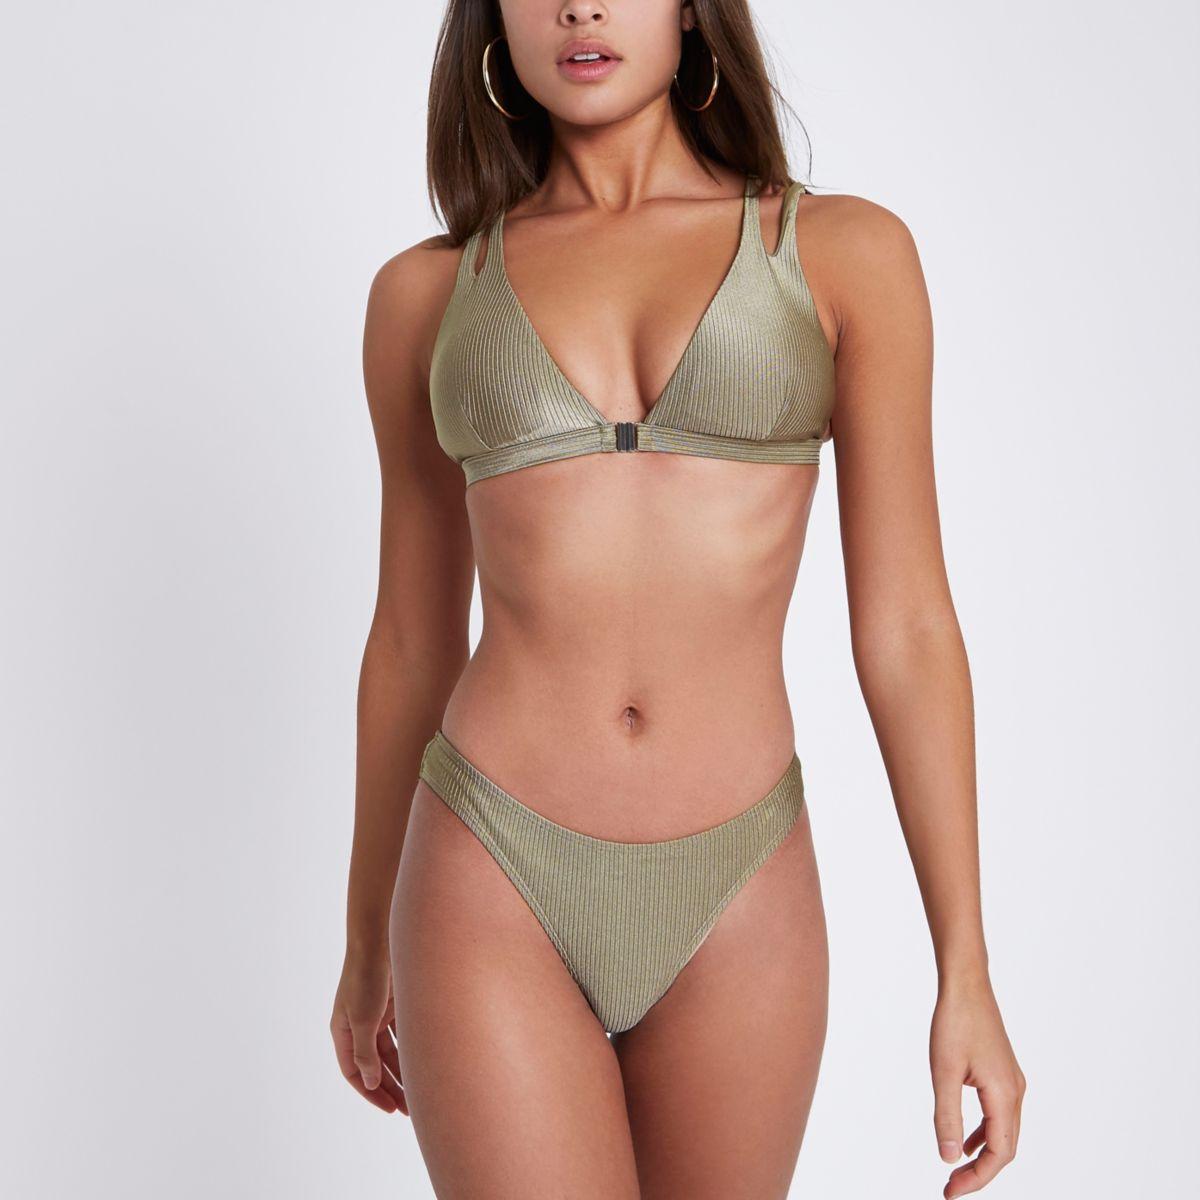 Kaki geribbeld hoogopgesneden bikinibroekje